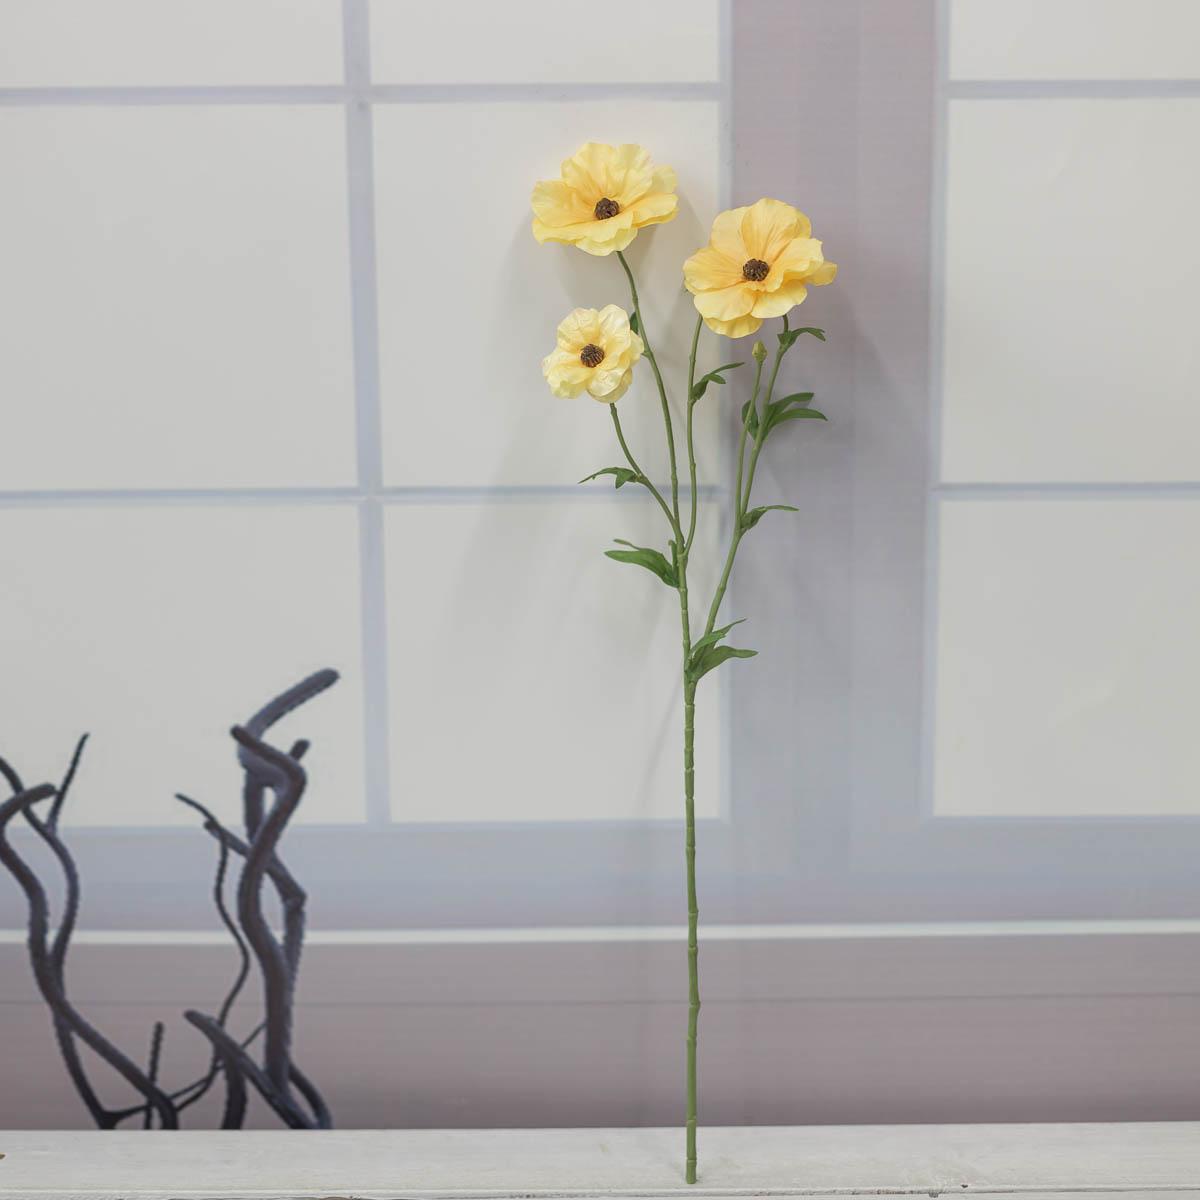 버터플라이 러넌큘러스 꽃 가지 56cm Yellow(옐로우) 세워놓은 이미지